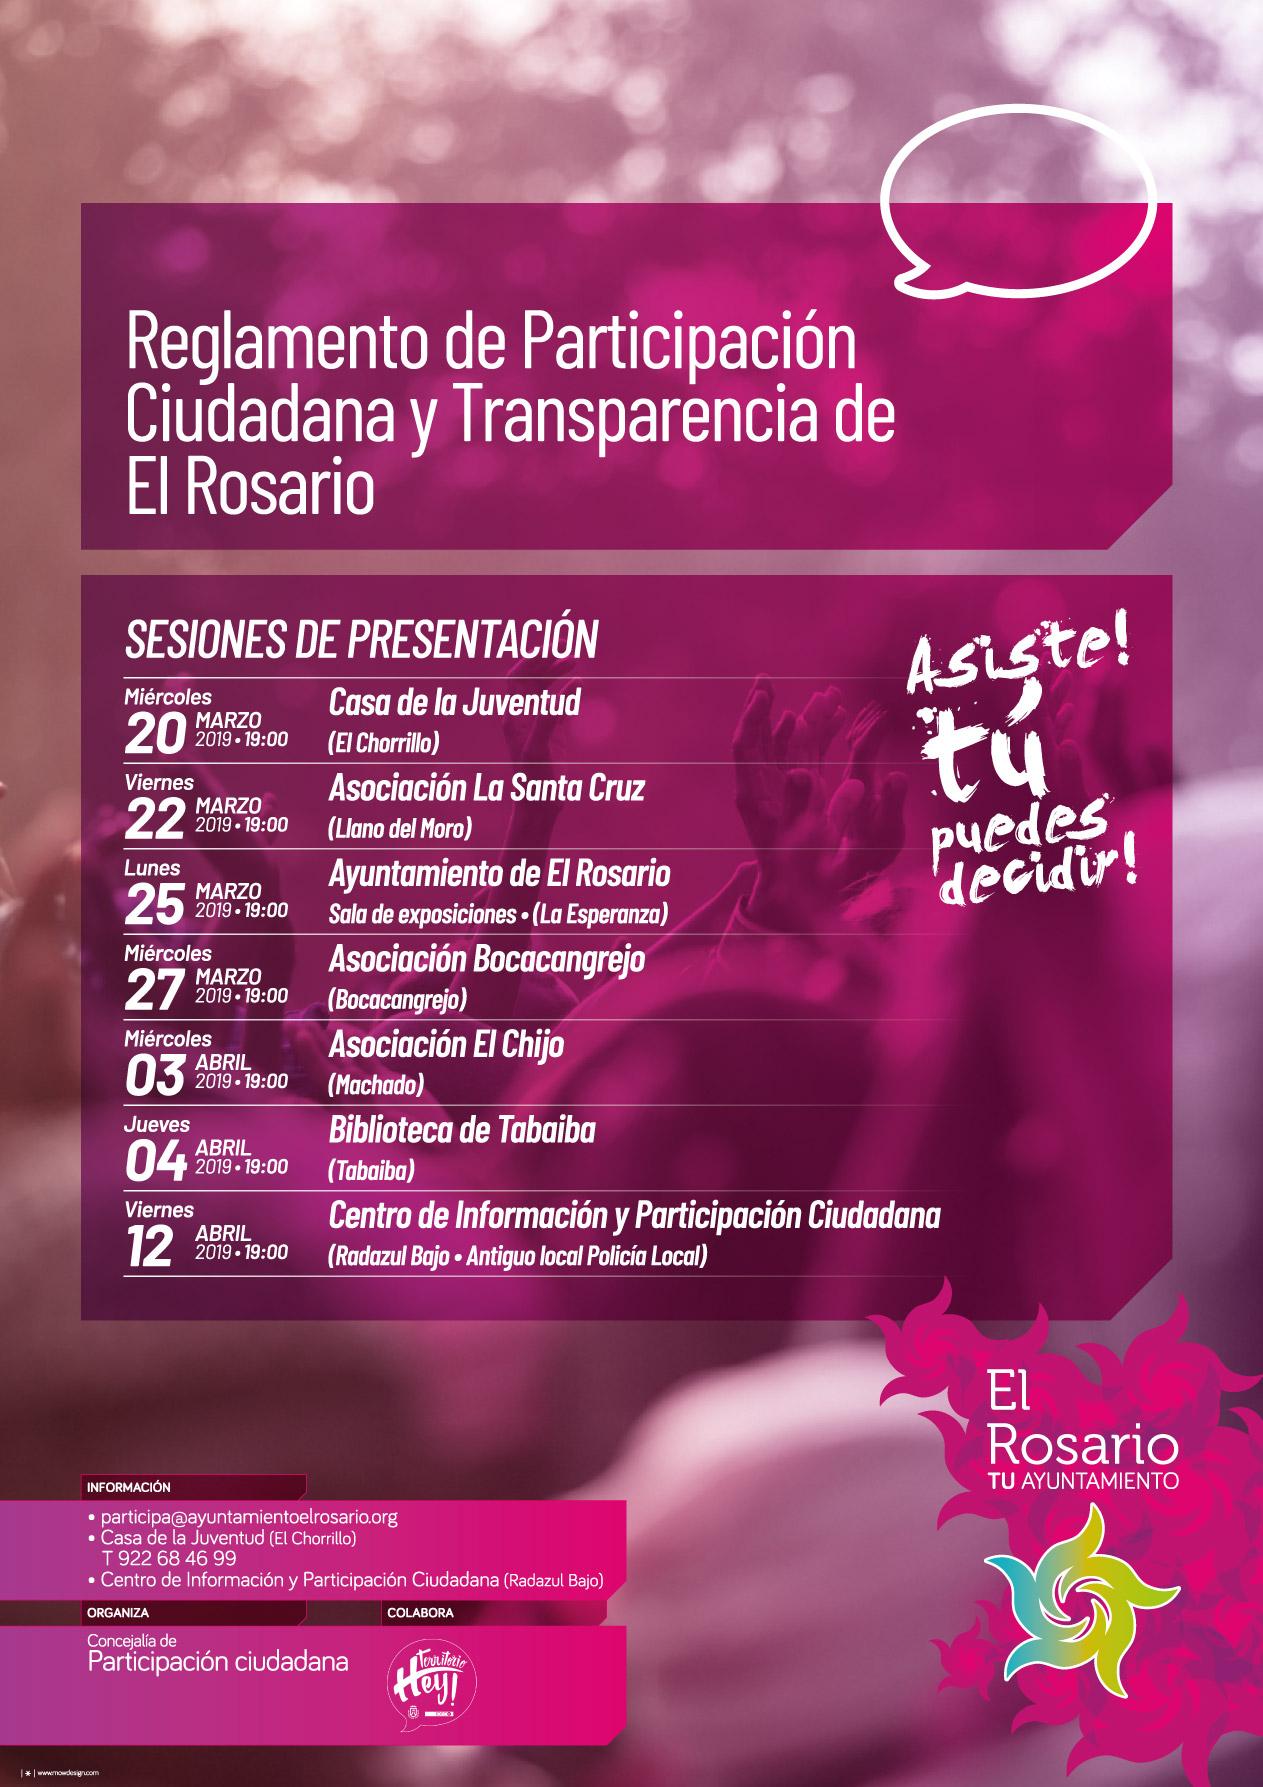 REGLAMENTO_PARTICIPACION-20190000-CARTEL_A3-20190302-01af-redes